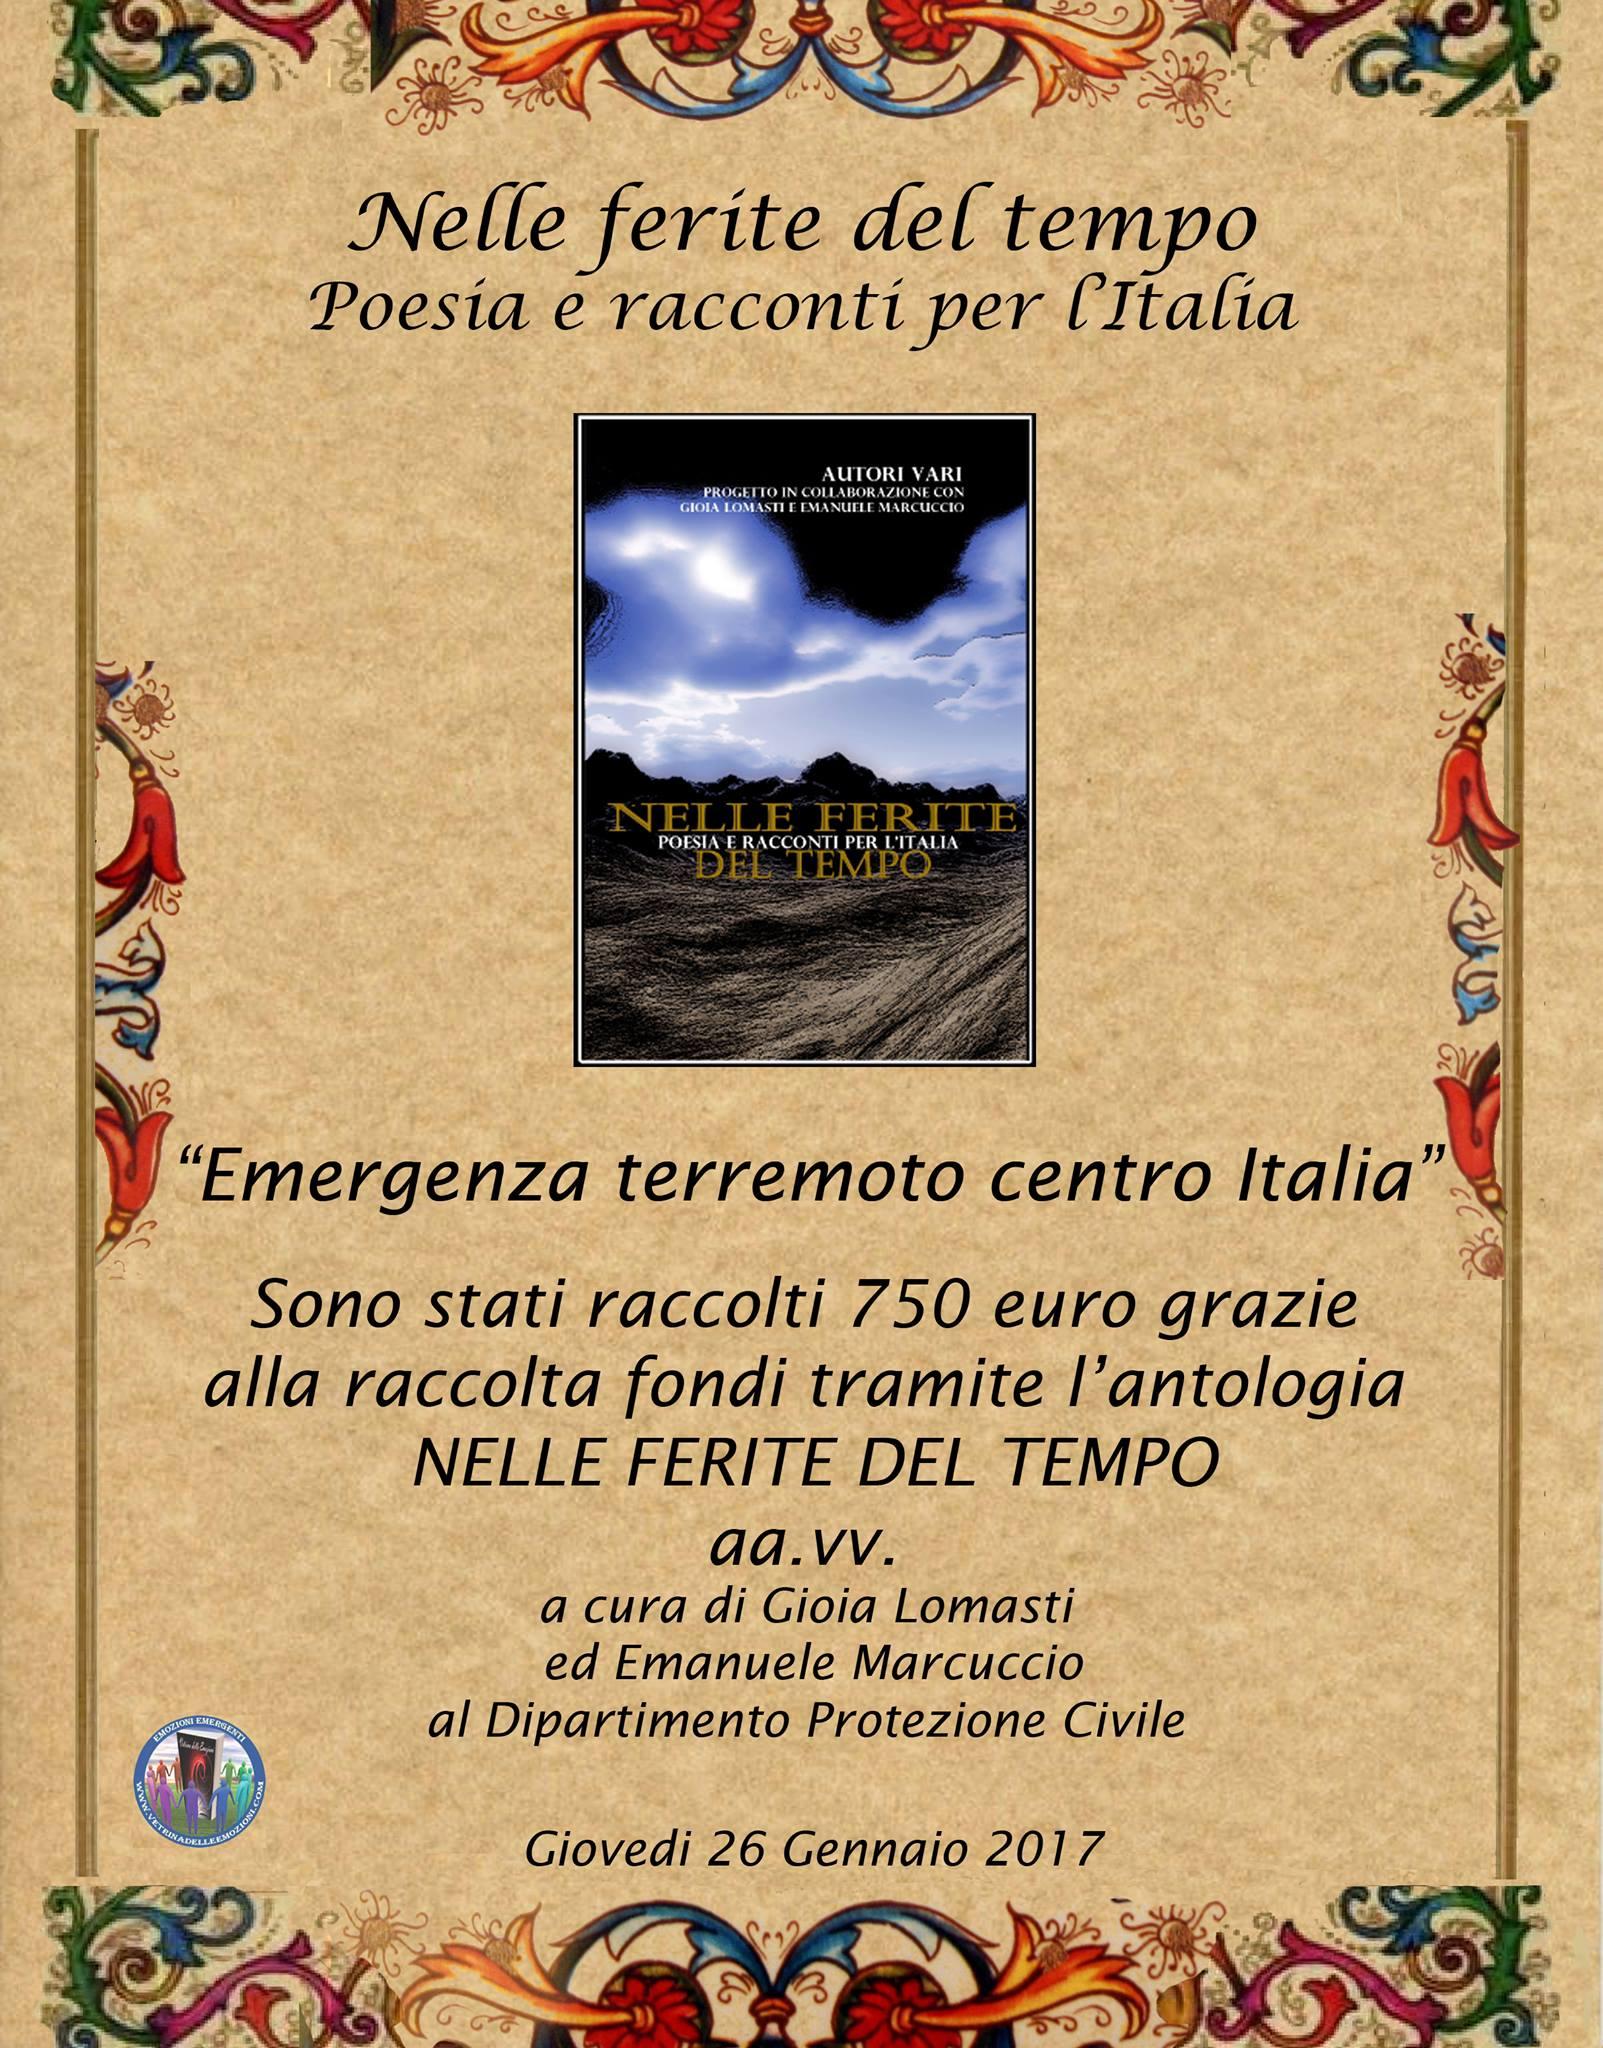 donazione_nelle ferite_Antologia.jpg